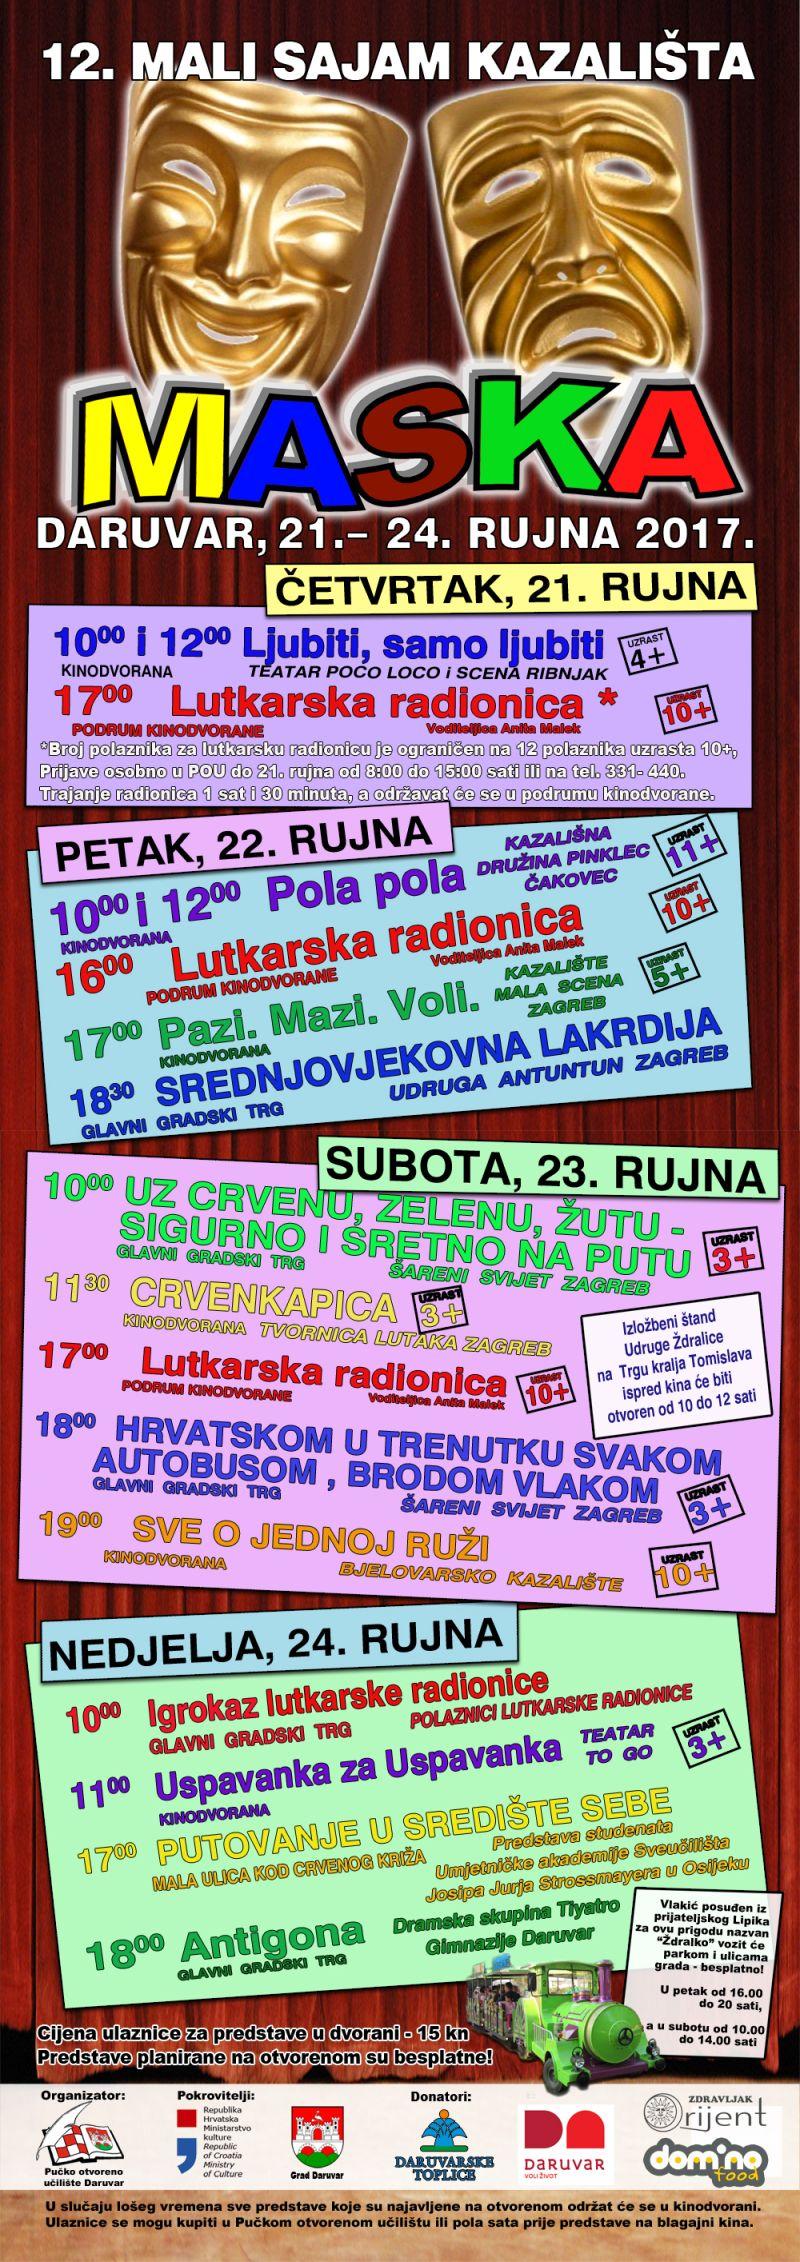 webPLAKATMASKA2017final